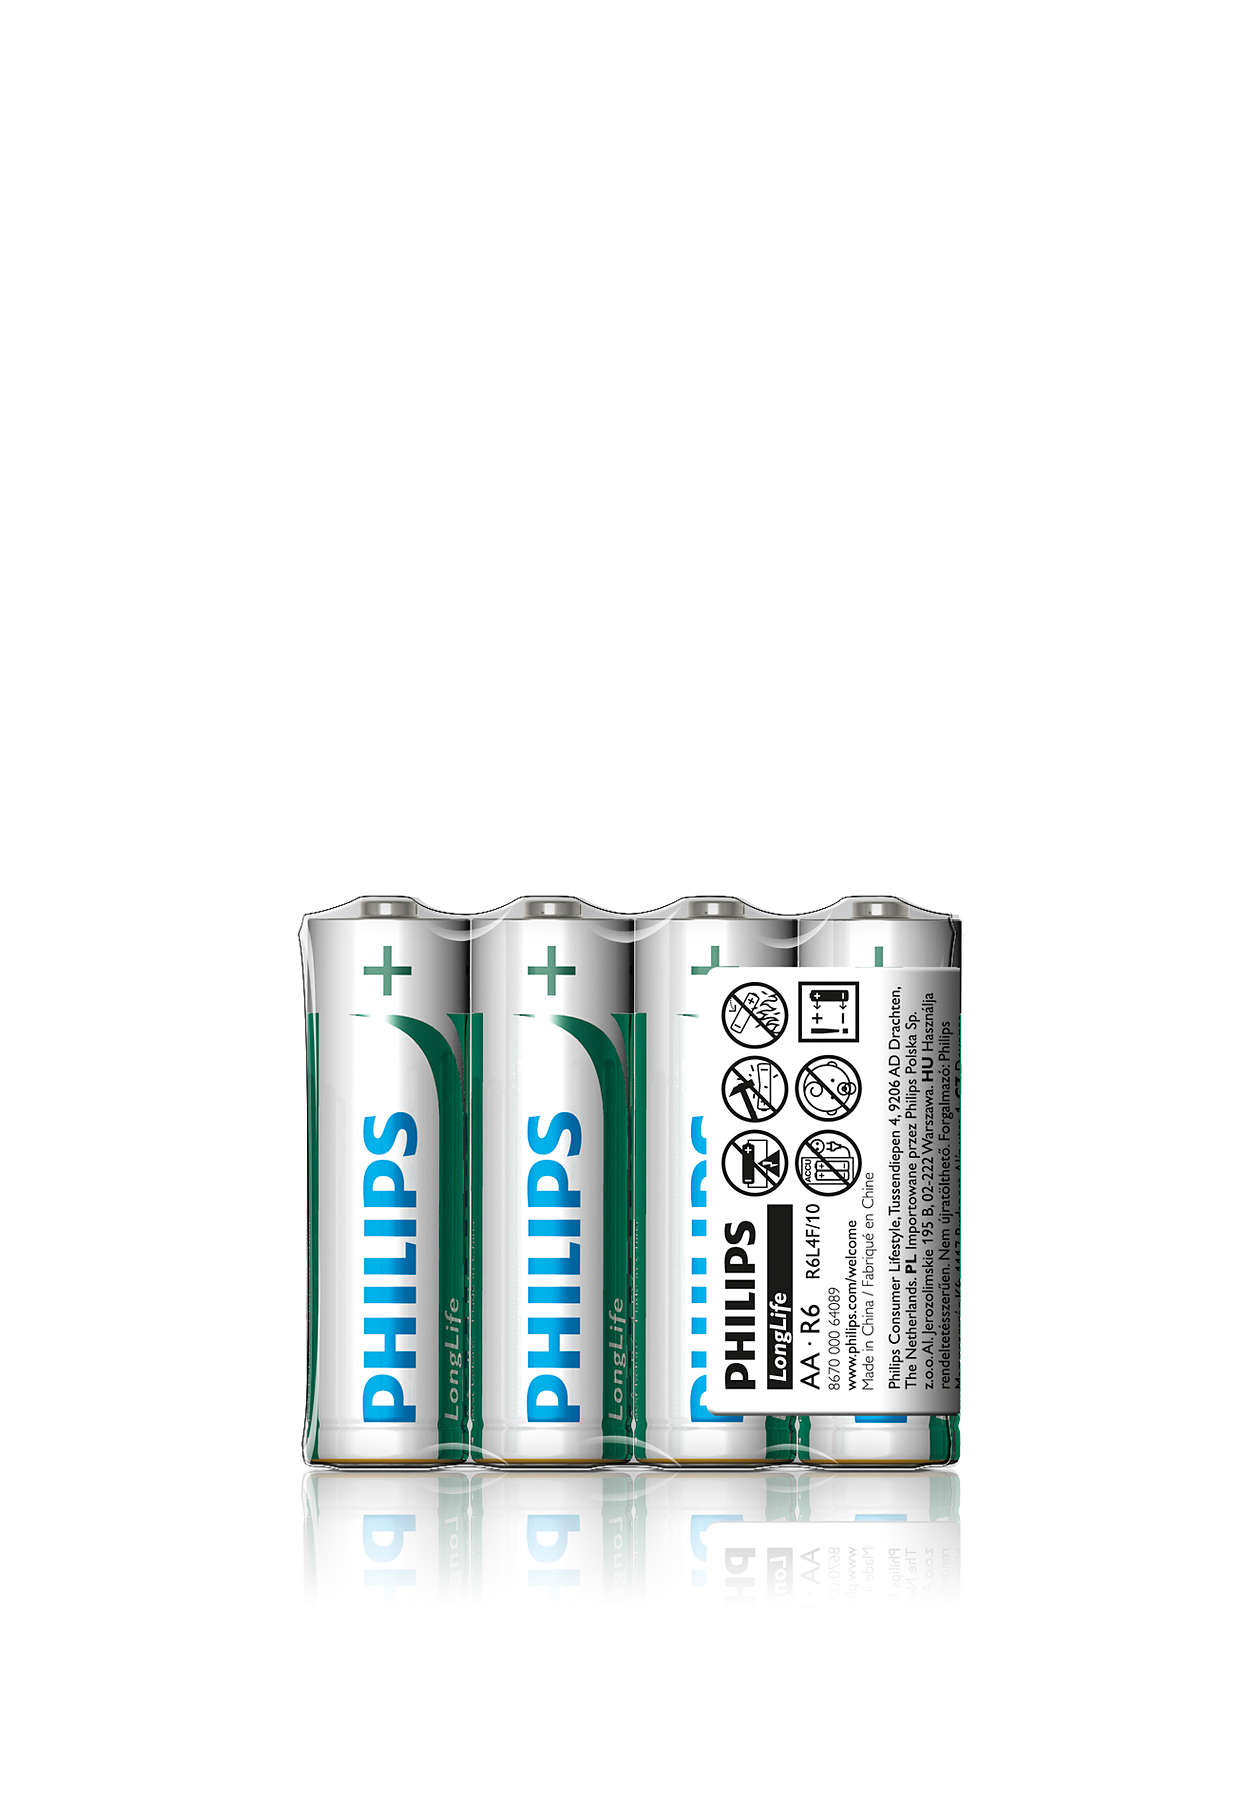 Các loại pin hàng đầu cho thiết bị ít tốn năng lượng